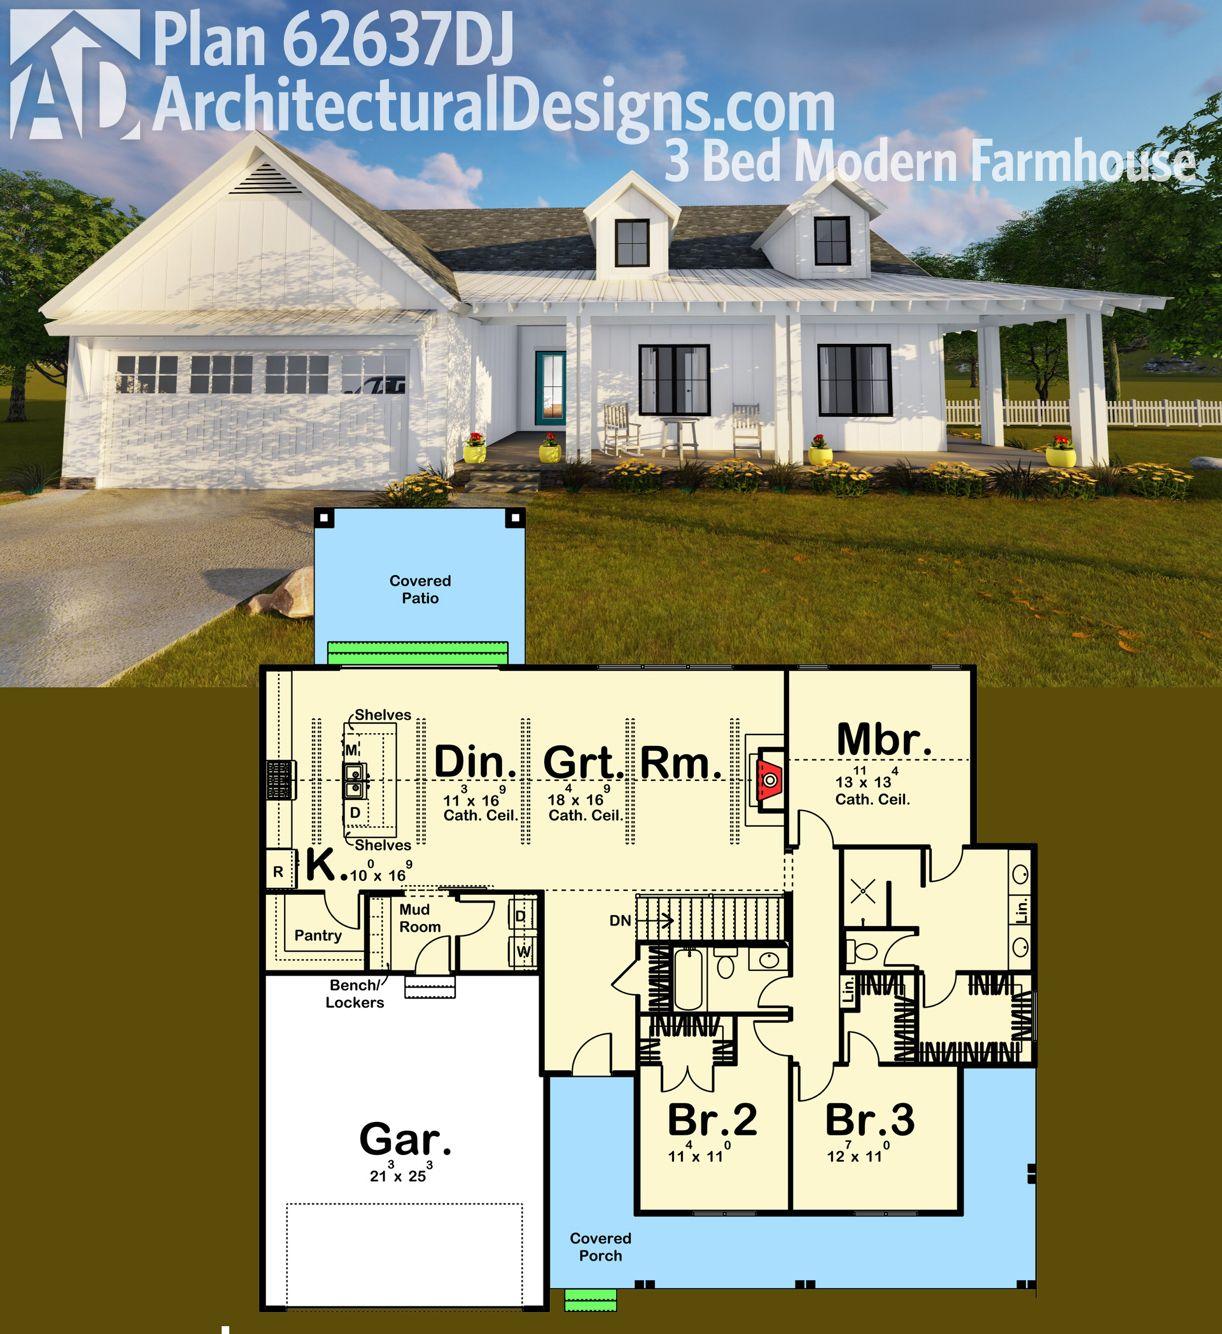 Plan 62637dj Modern Farmhouse Plan Modern Farmhouse Plans Farmhouse Floor Plans Farmhouse Plans